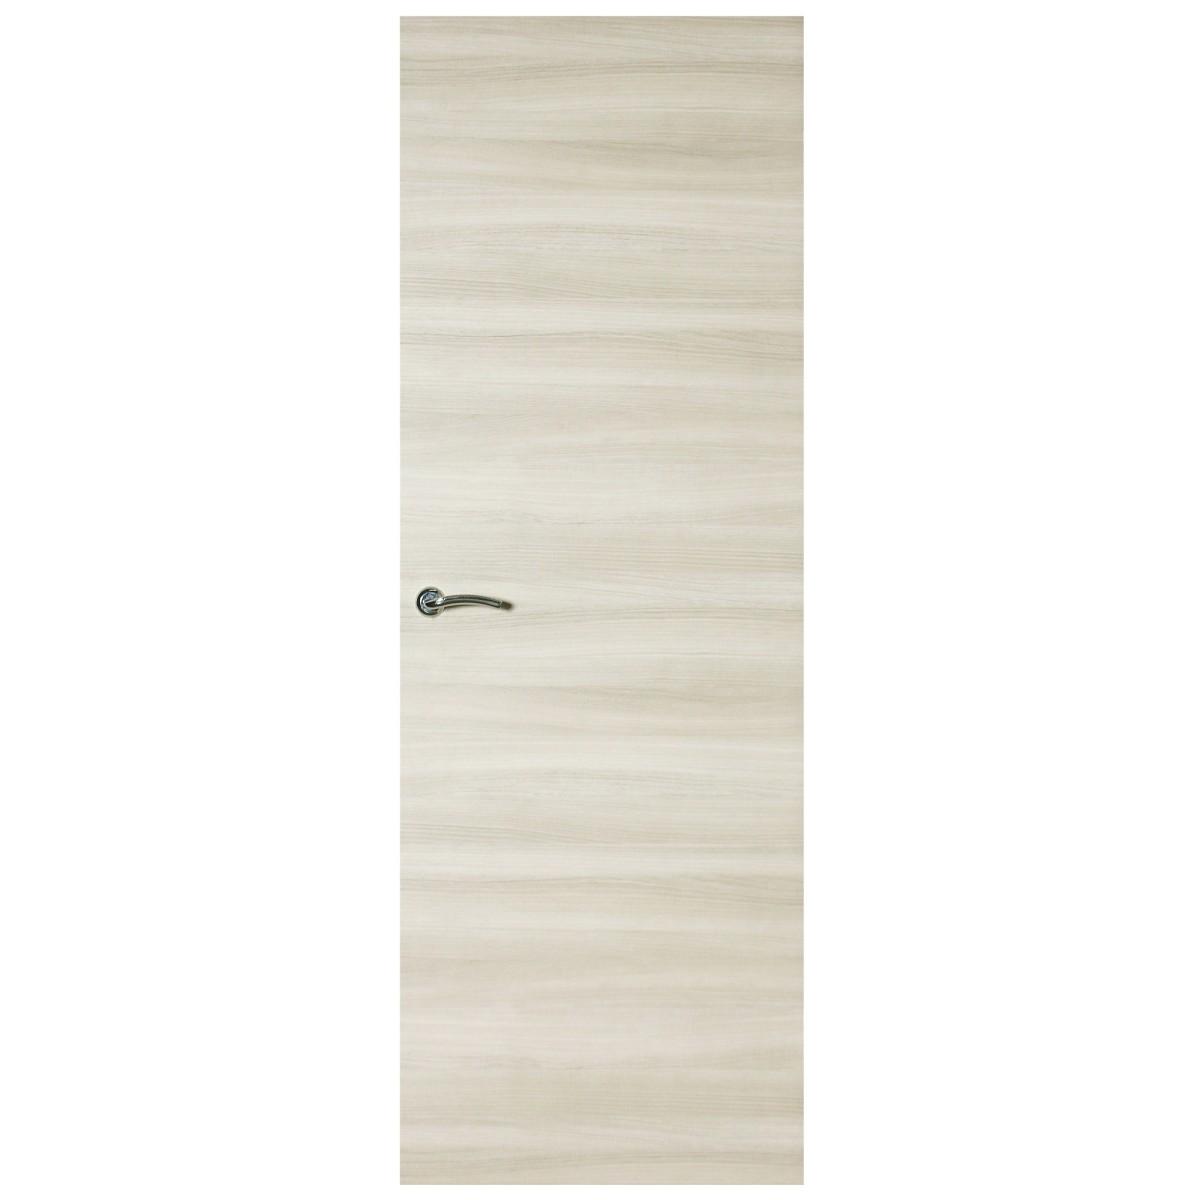 Дверь Межкомнатная Глухая Ламинированная Унико 80x200 Цвет Светлый Орех